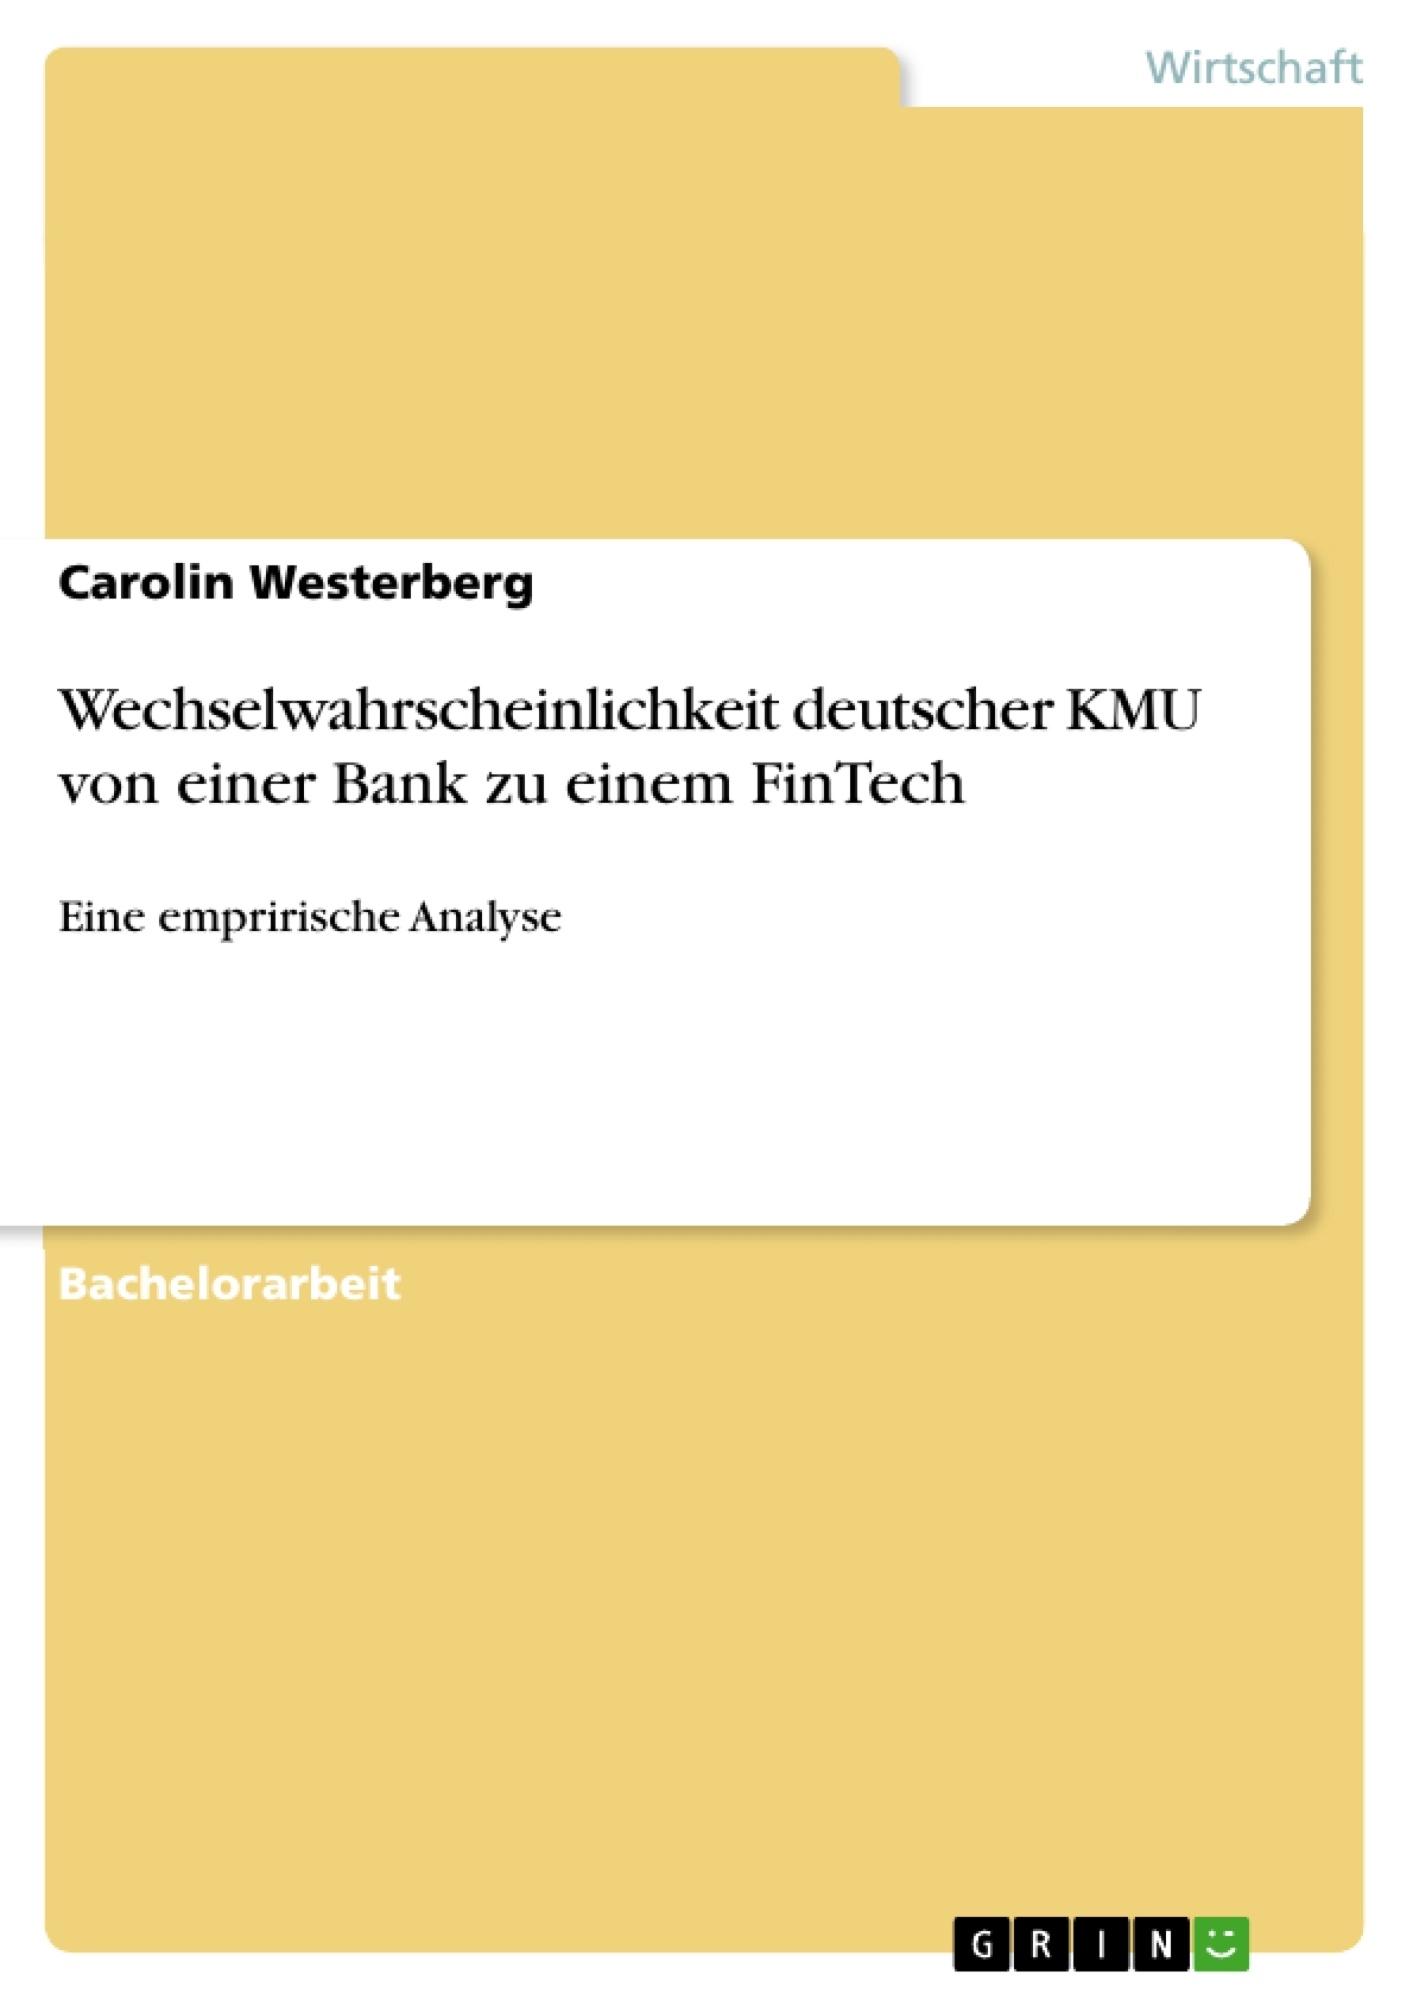 Titel: Wechselwahrscheinlichkeit deutscher KMU von einer Bank zu einem FinTech